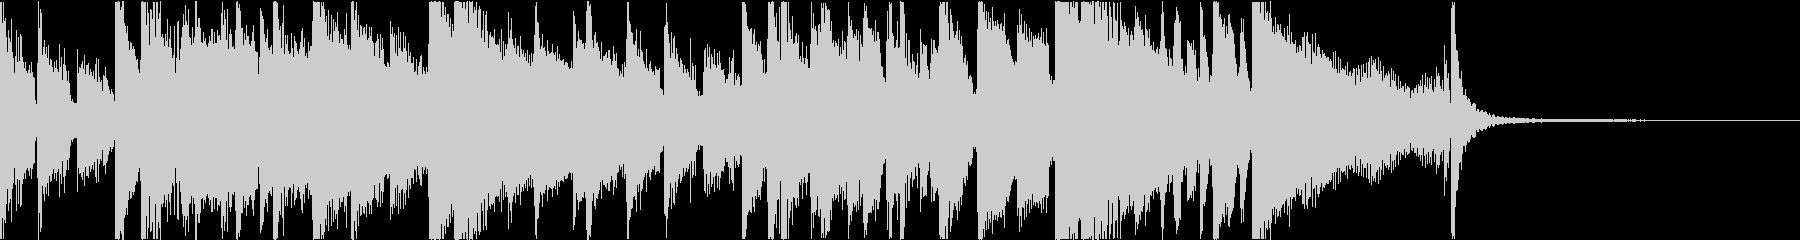 大人な雰囲気のジャズブルースジングルの未再生の波形